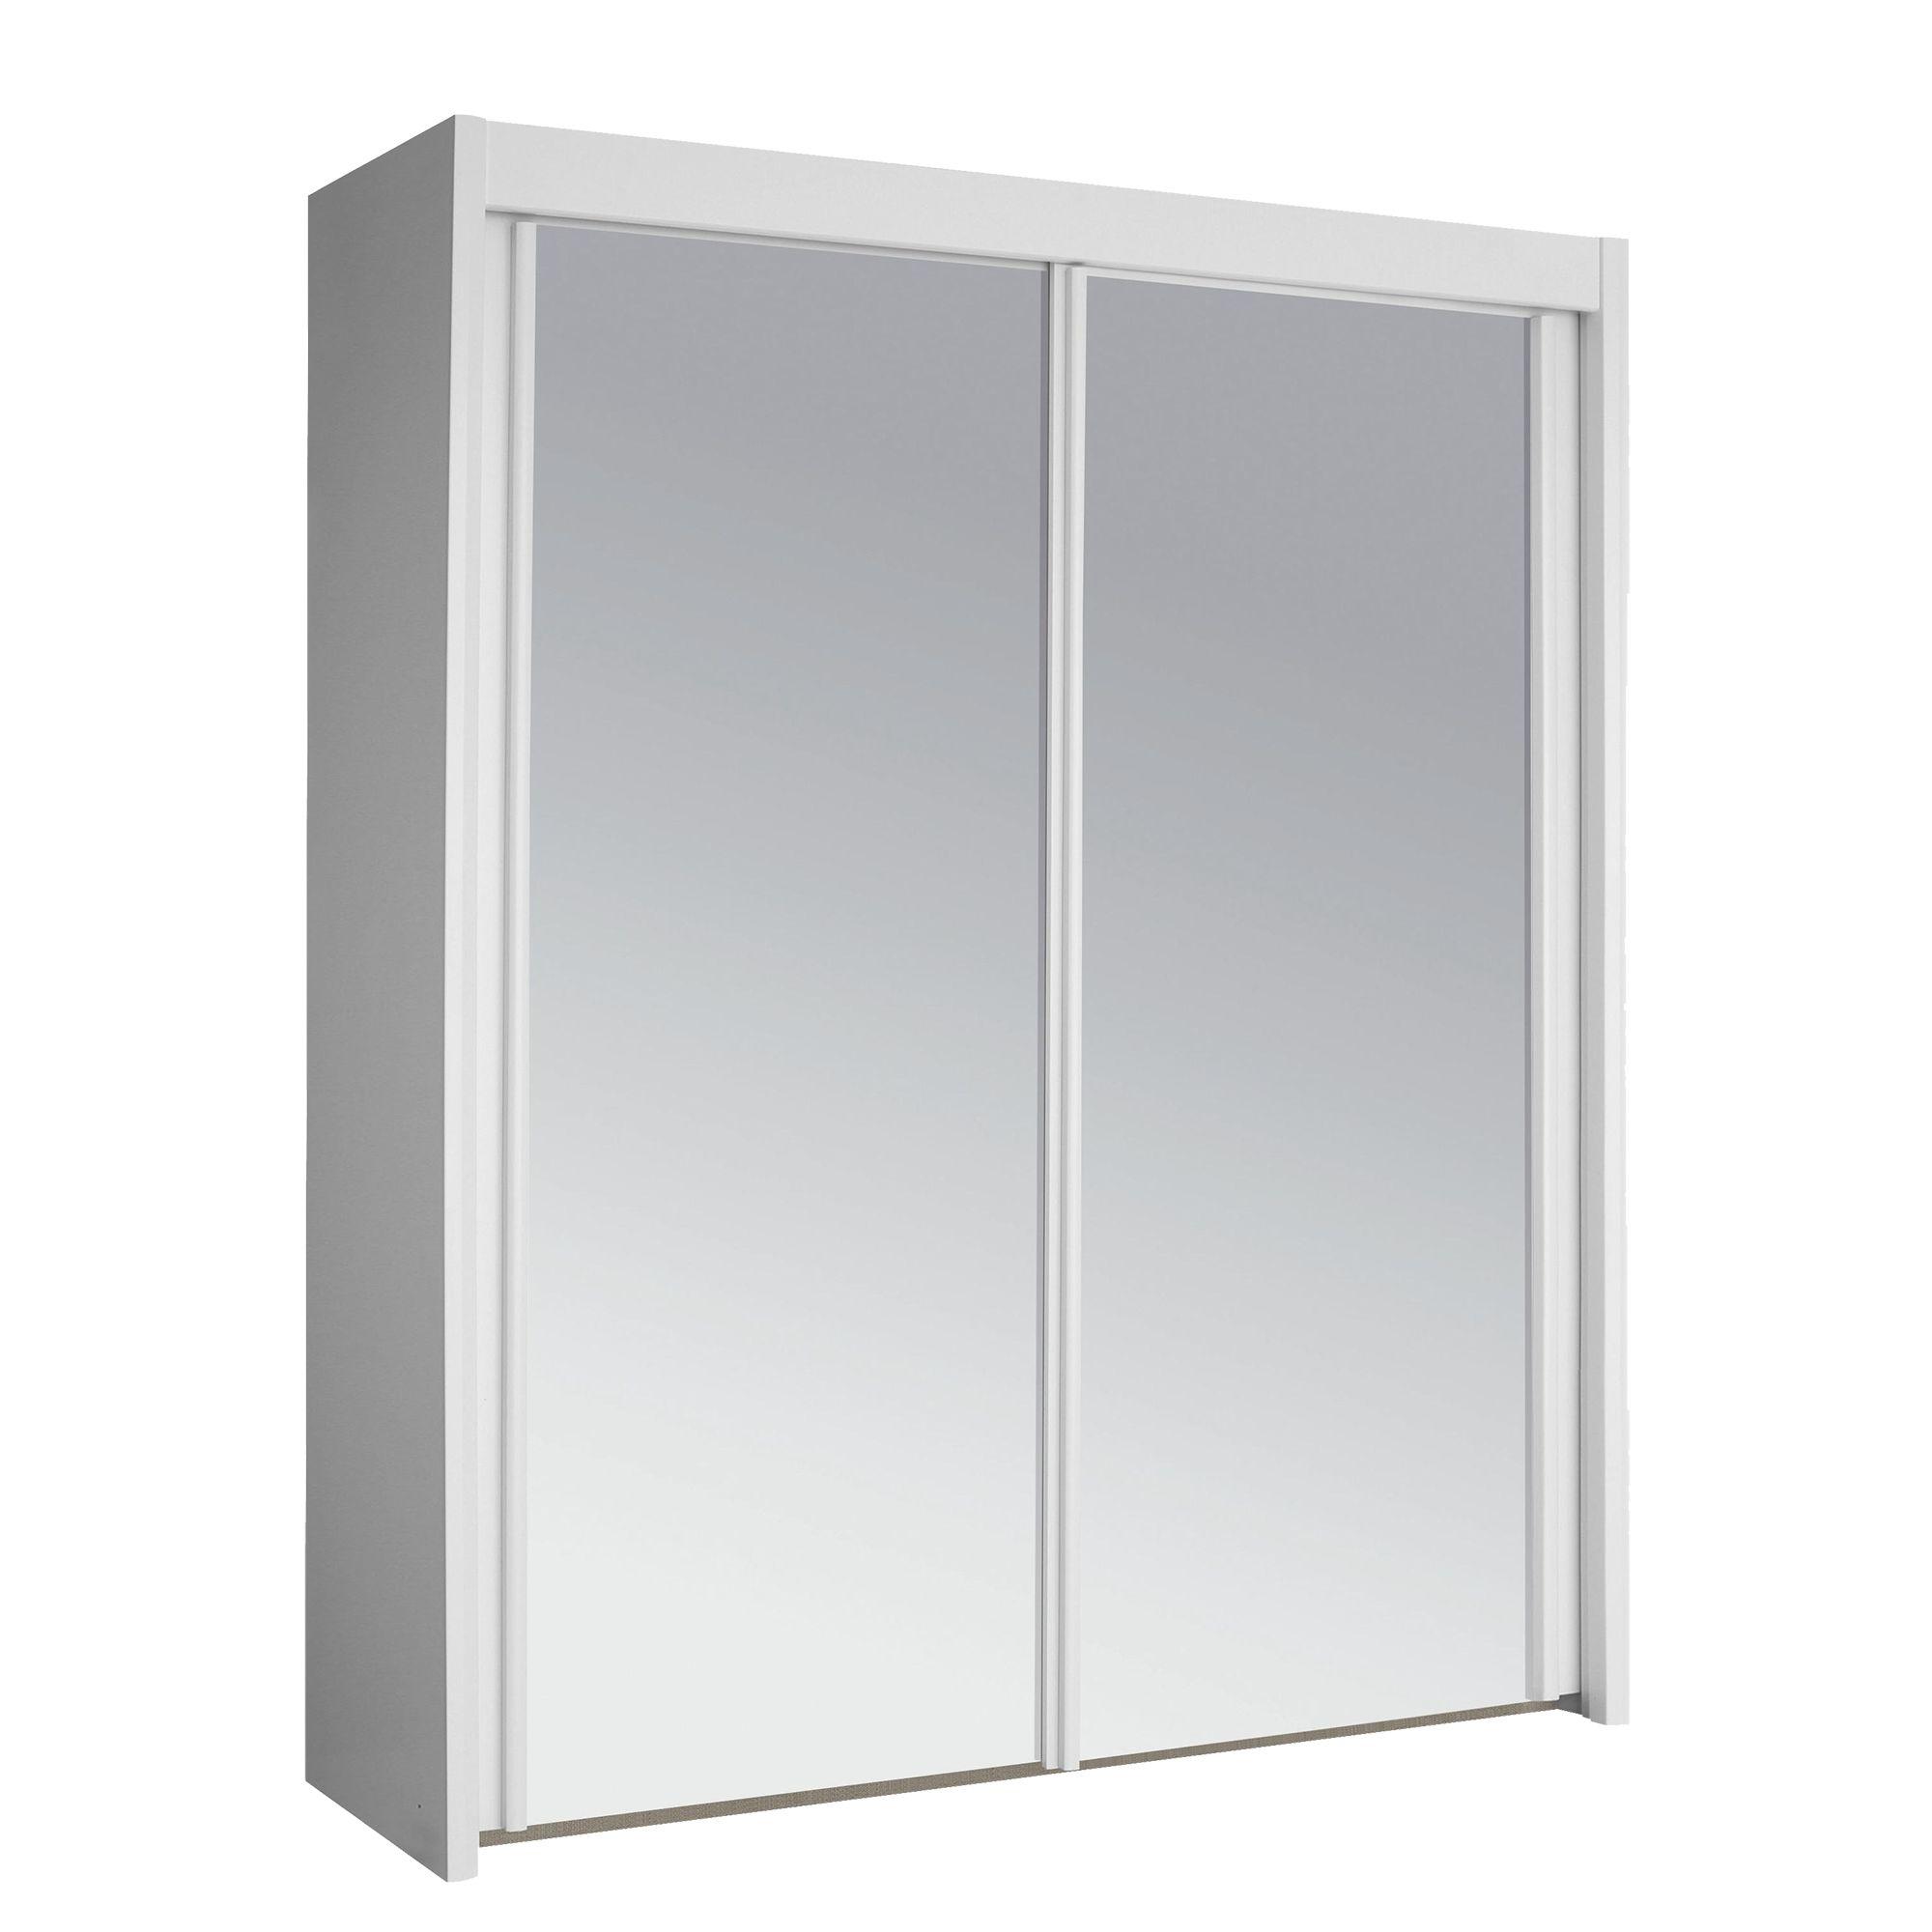 Armoire 2 portes coulissantes l150 blanc miroir Armoire